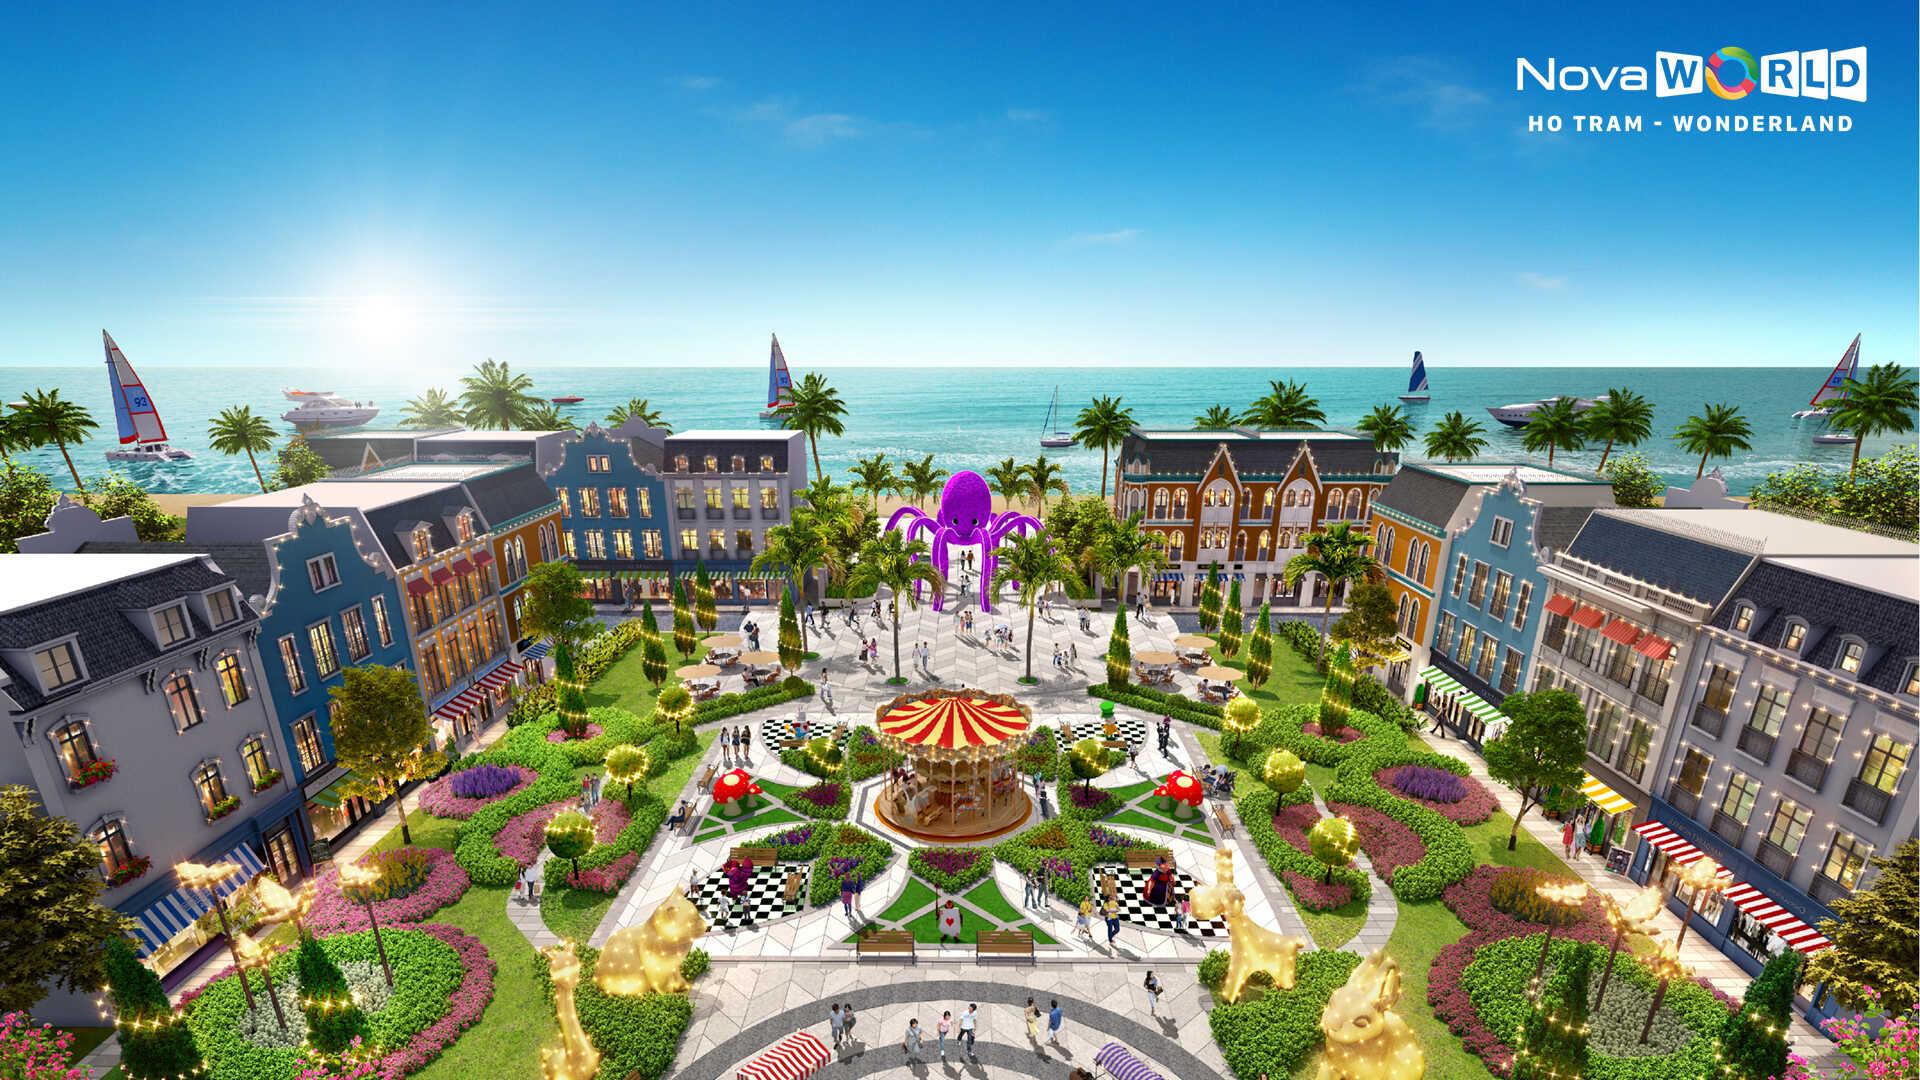 Phối cảnh tổng thể dự án nhà phố Novaworld Hồ Tràm Wonderland Xuyên Mộc Đường Phước Thuận chủ đầu tư Novaland